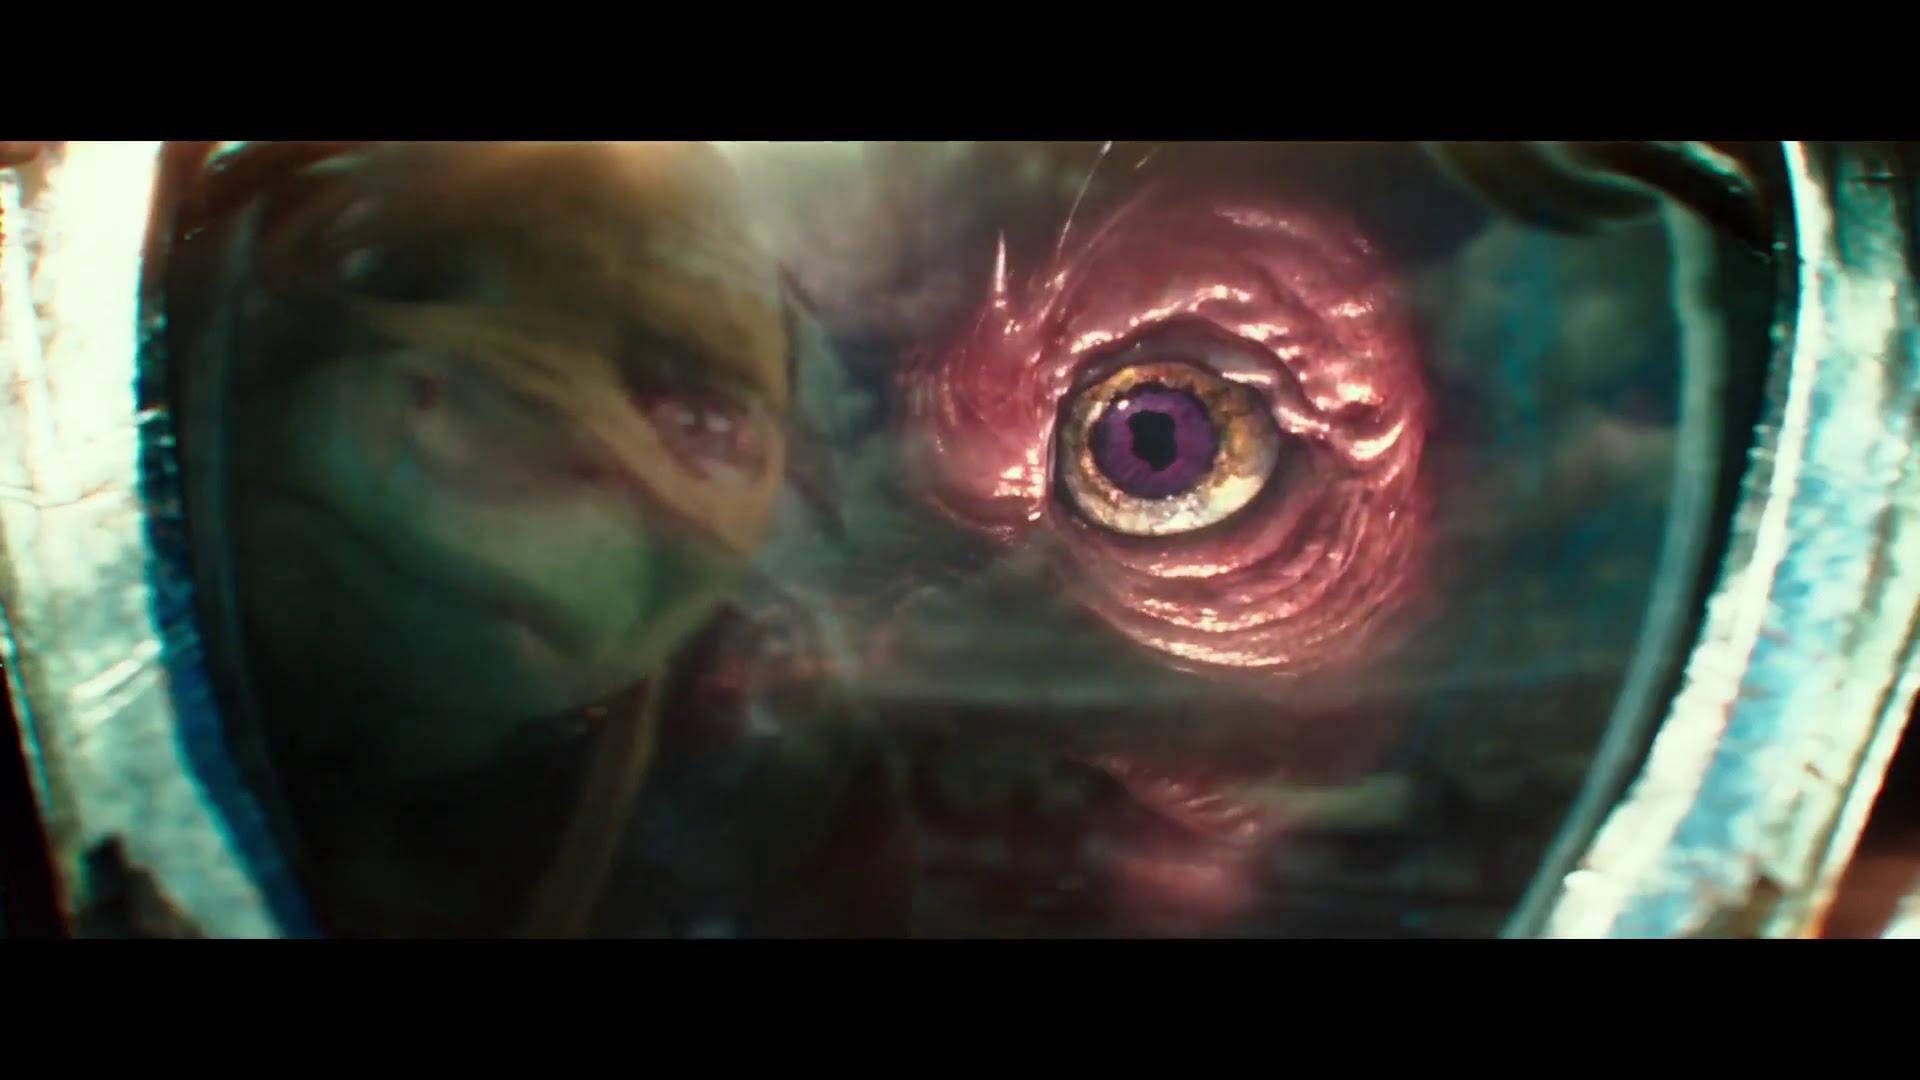 Brad Garret Is The New Krang In Ninja Turtles Sequel Flickreel